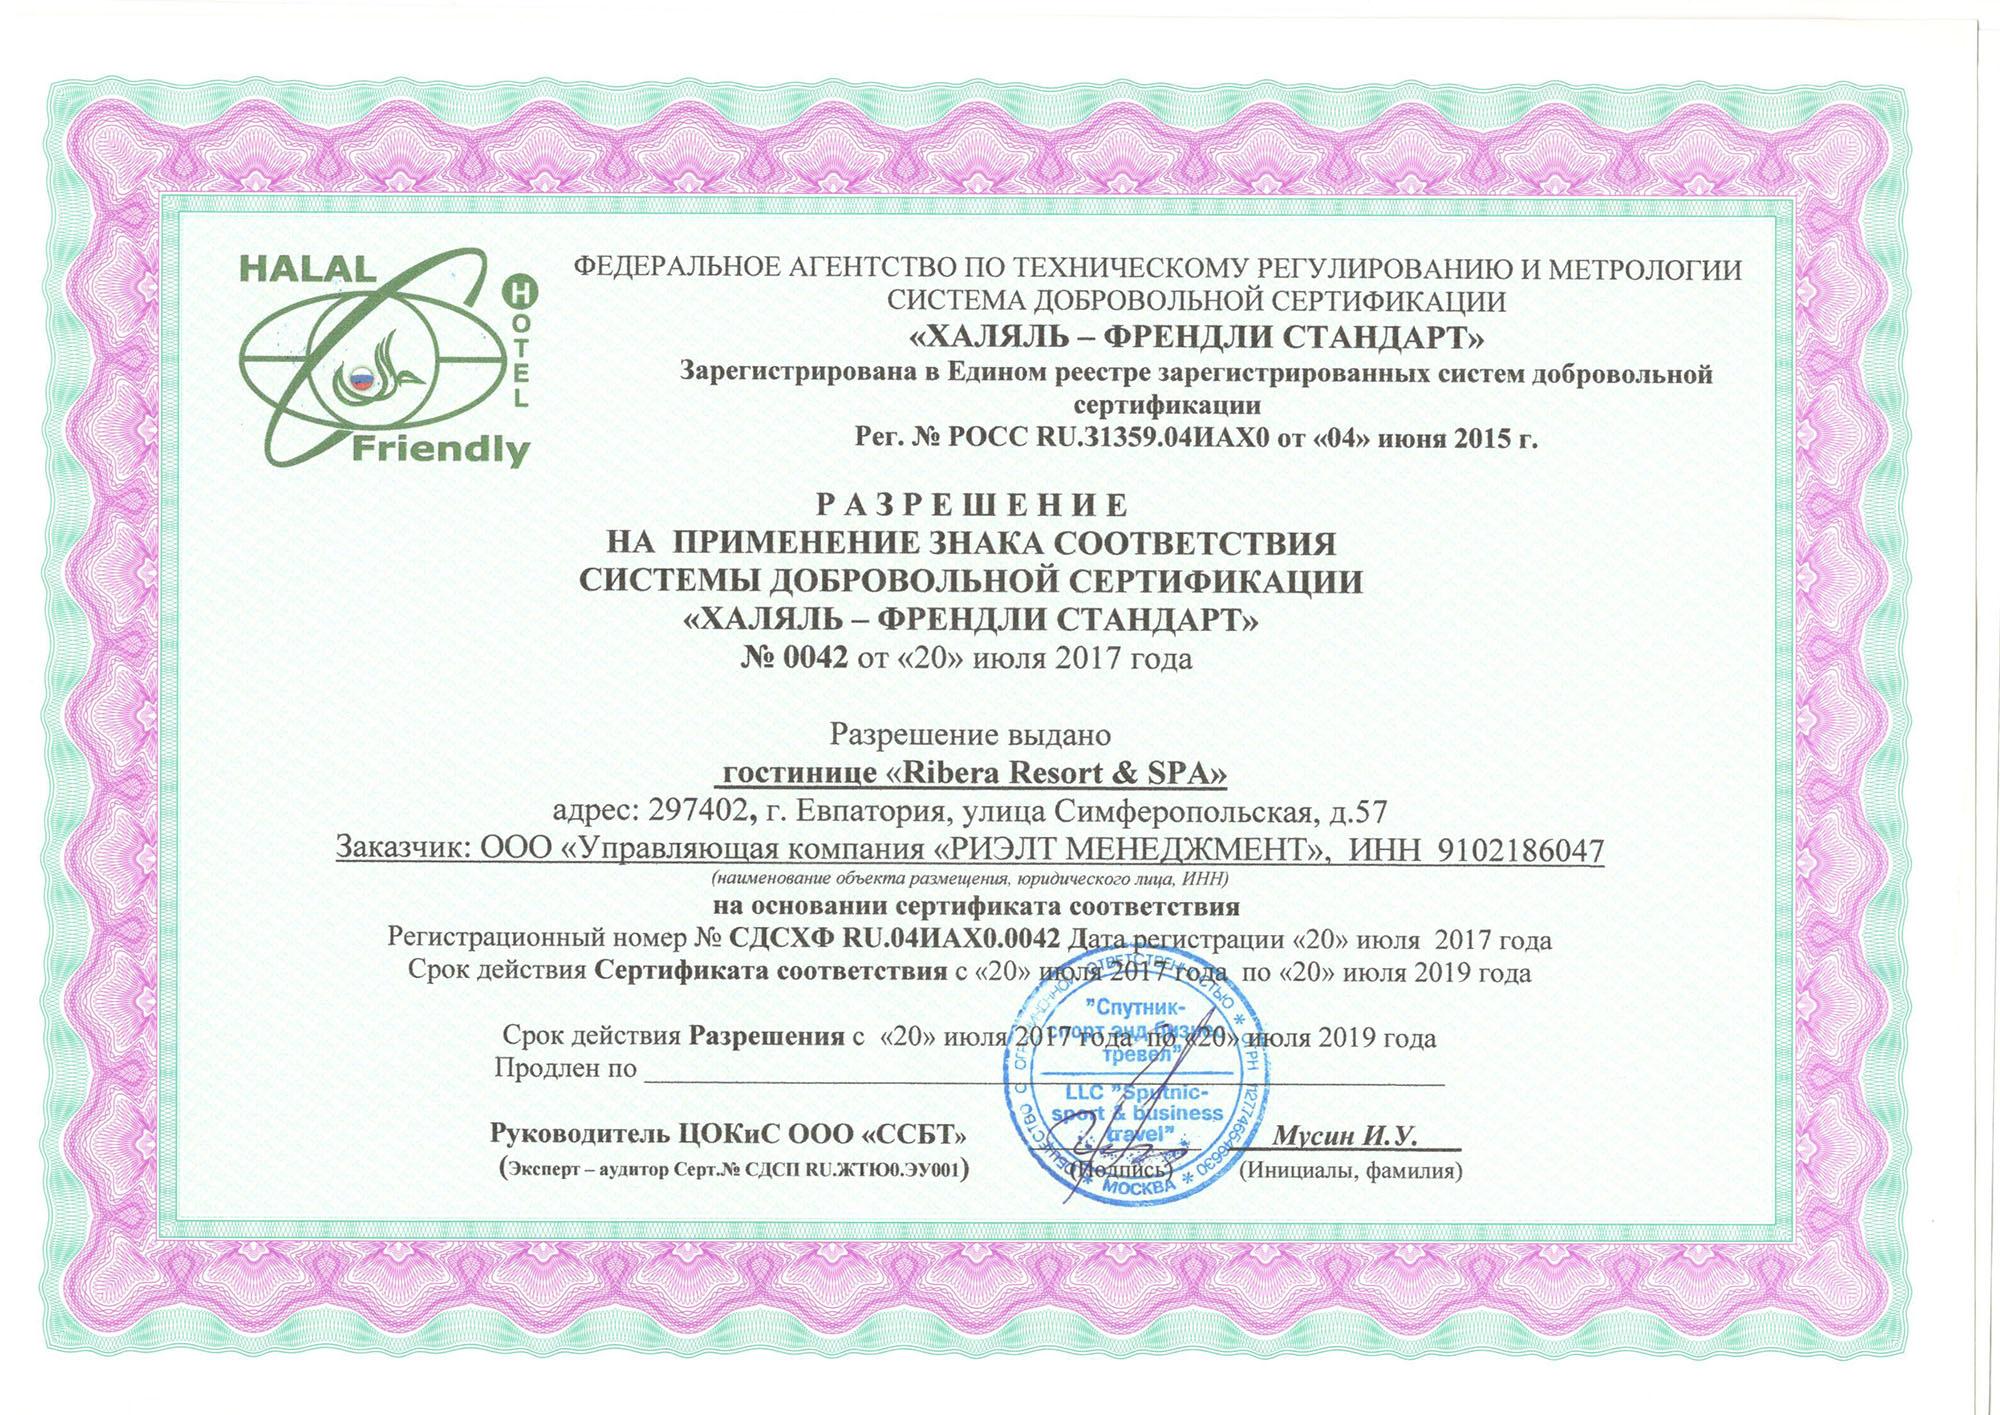 Разрешение на применение к сертификату Халяль Туризм Стандарт